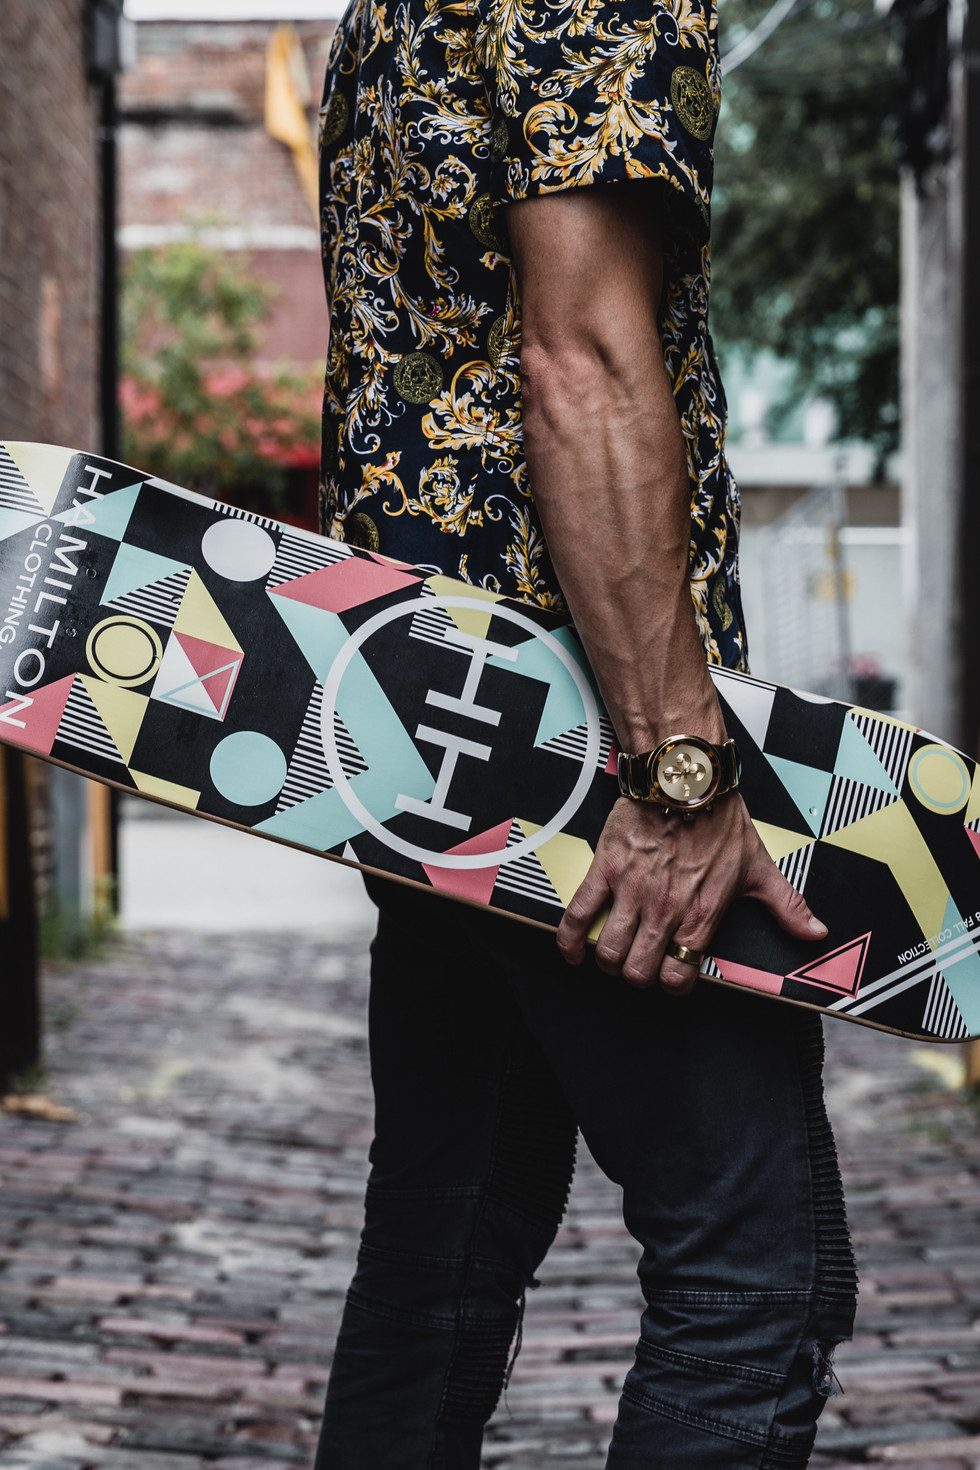 Geometric skateboard deck